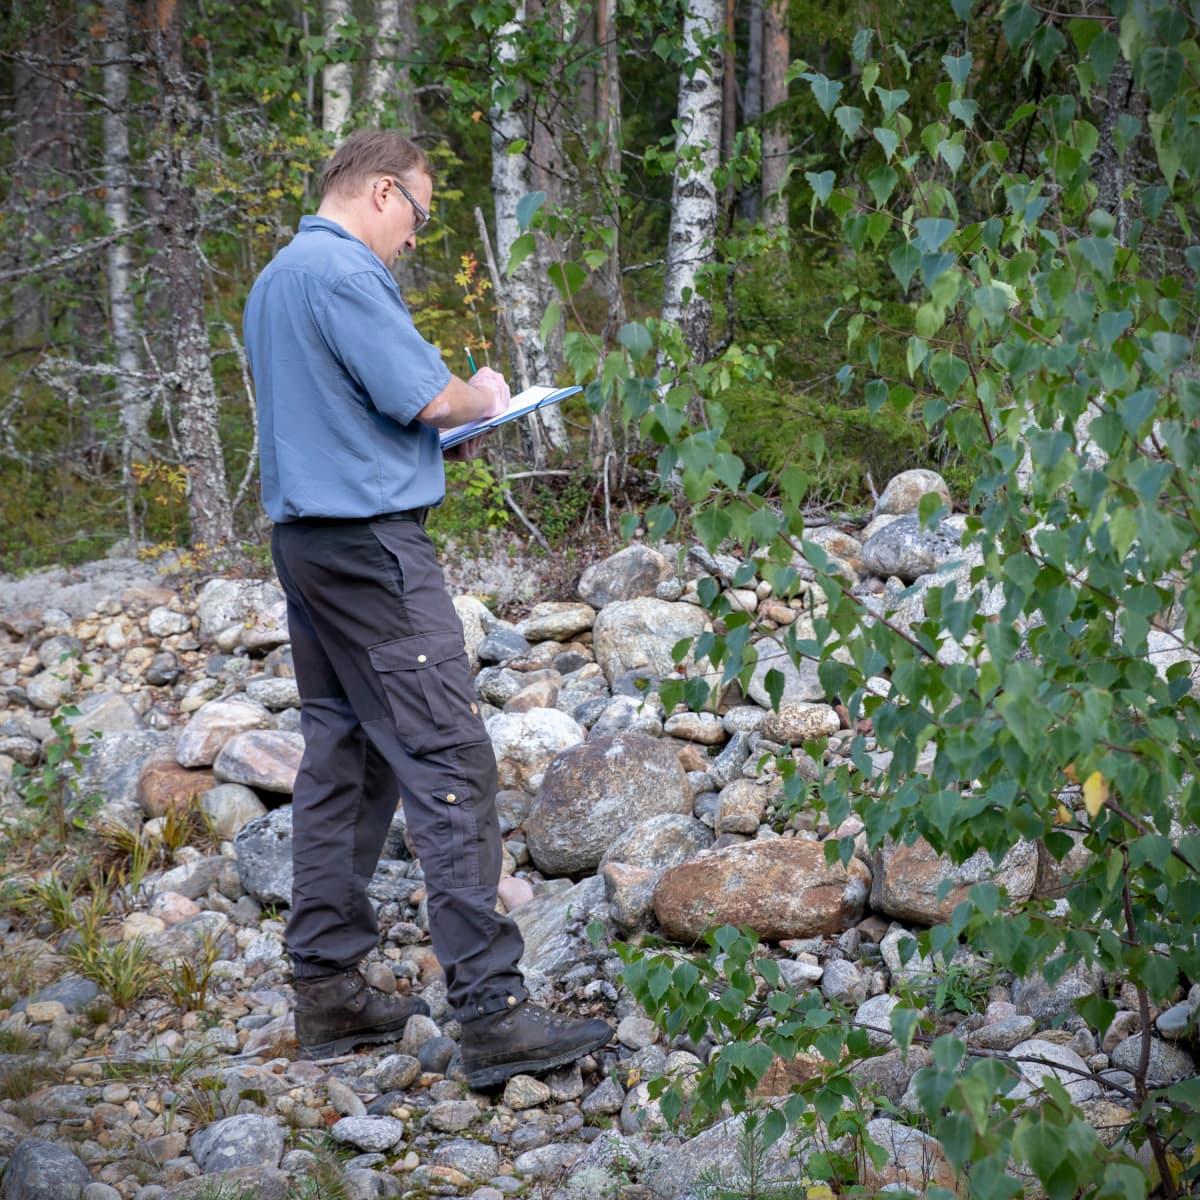 GTK:n erikoistutkija Niko Putkinen tekemässä muistiinpanoja Kurikan Lehtivuorella. Muun muassa täältä veden oletetaan laskeutuvan syväpohjavesiesiintymään saakka.